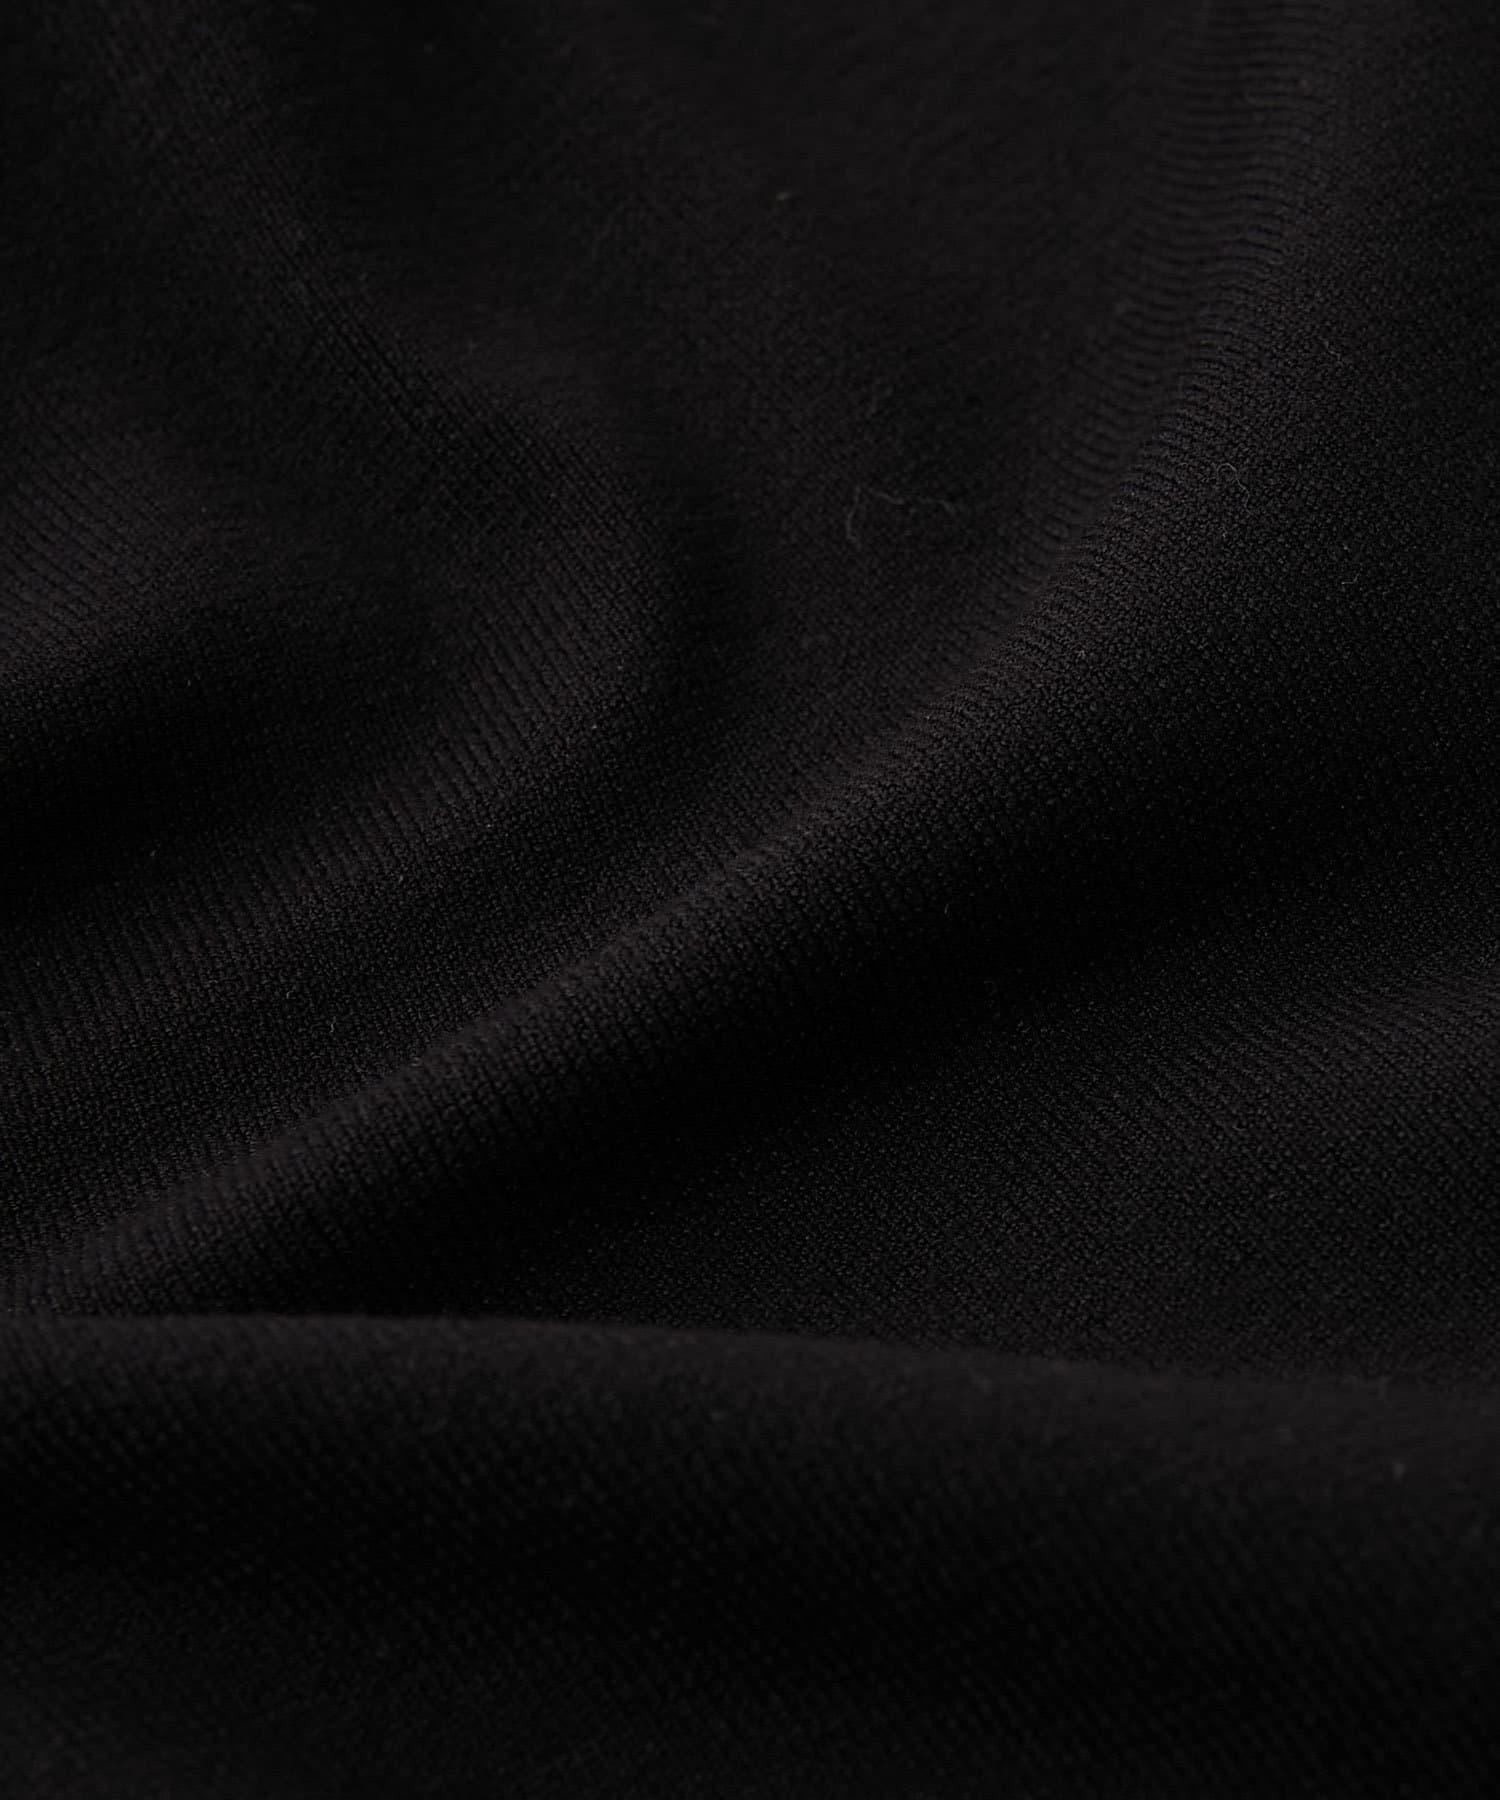 OUTLET premium(アウトレット プレミアム) 【《アクセサリーのような華やかさ》手洗い可】パールバー付ドルマンニット